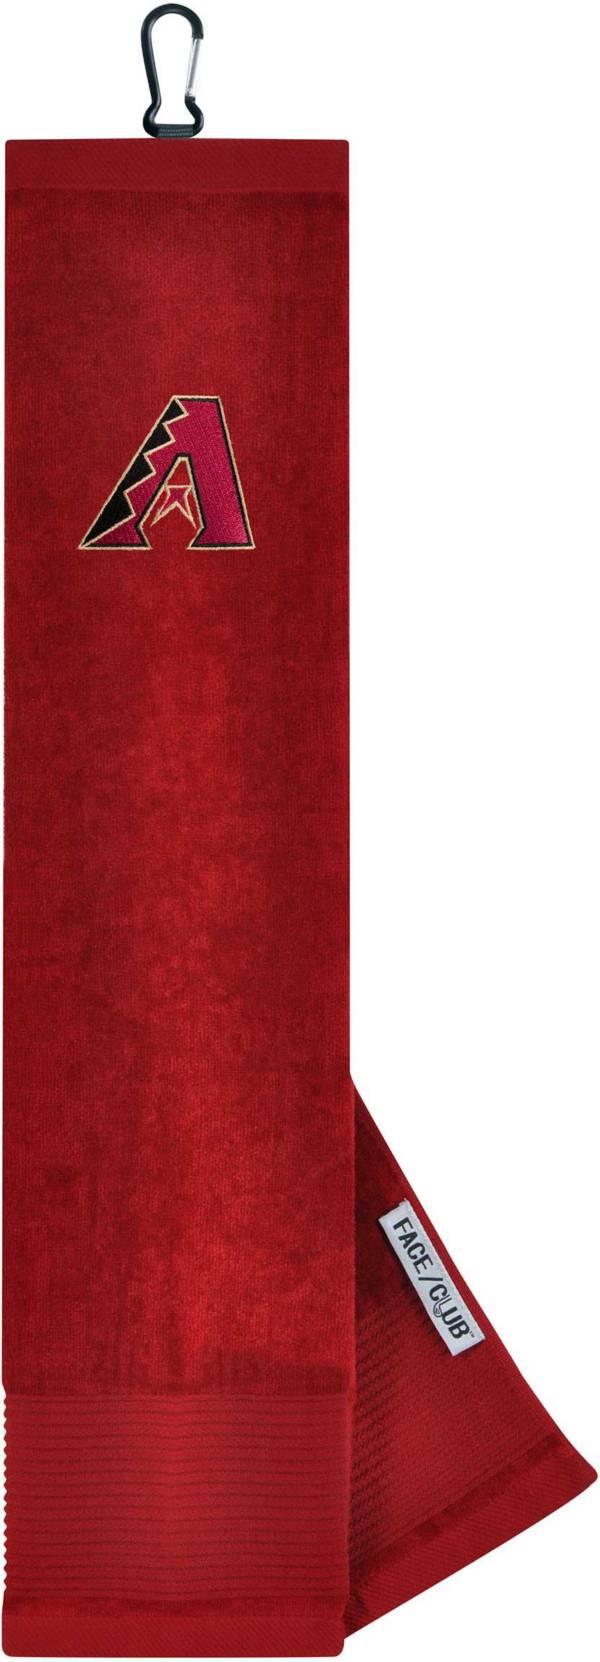 Team Effort Arizona Diamondbacks Embroidered Face/Club Tri-Fold Towel product image